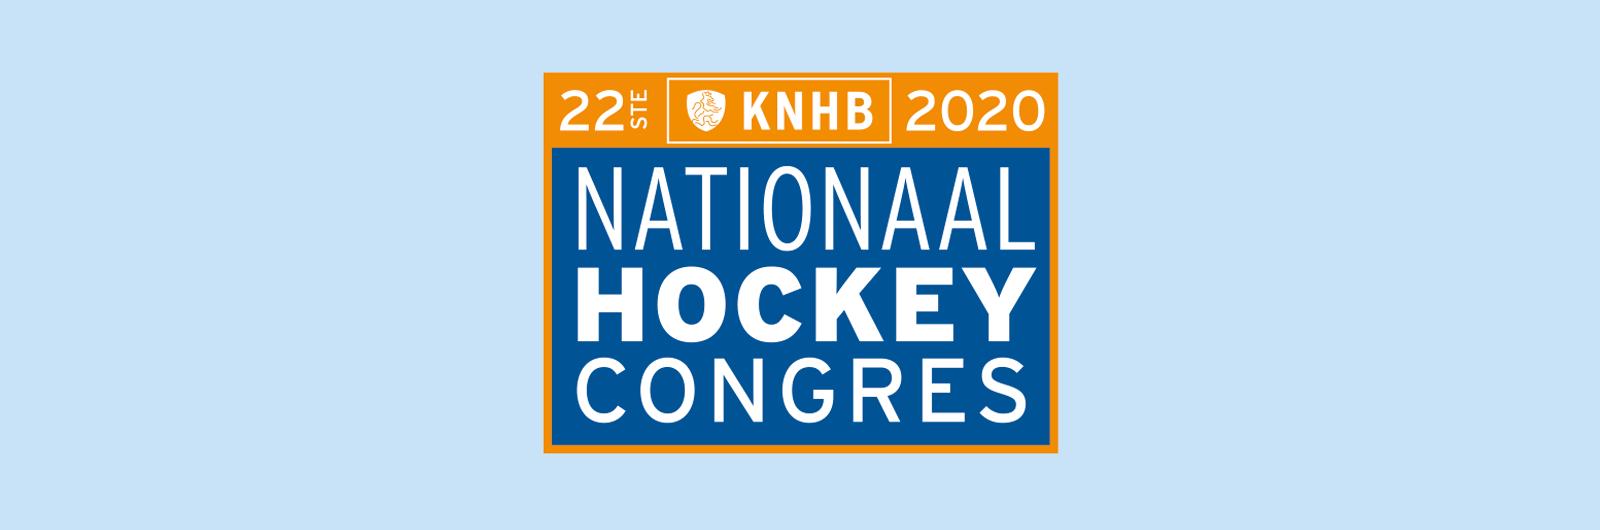 André Kuipers spreker op Nationaal Hockeycongres 2020